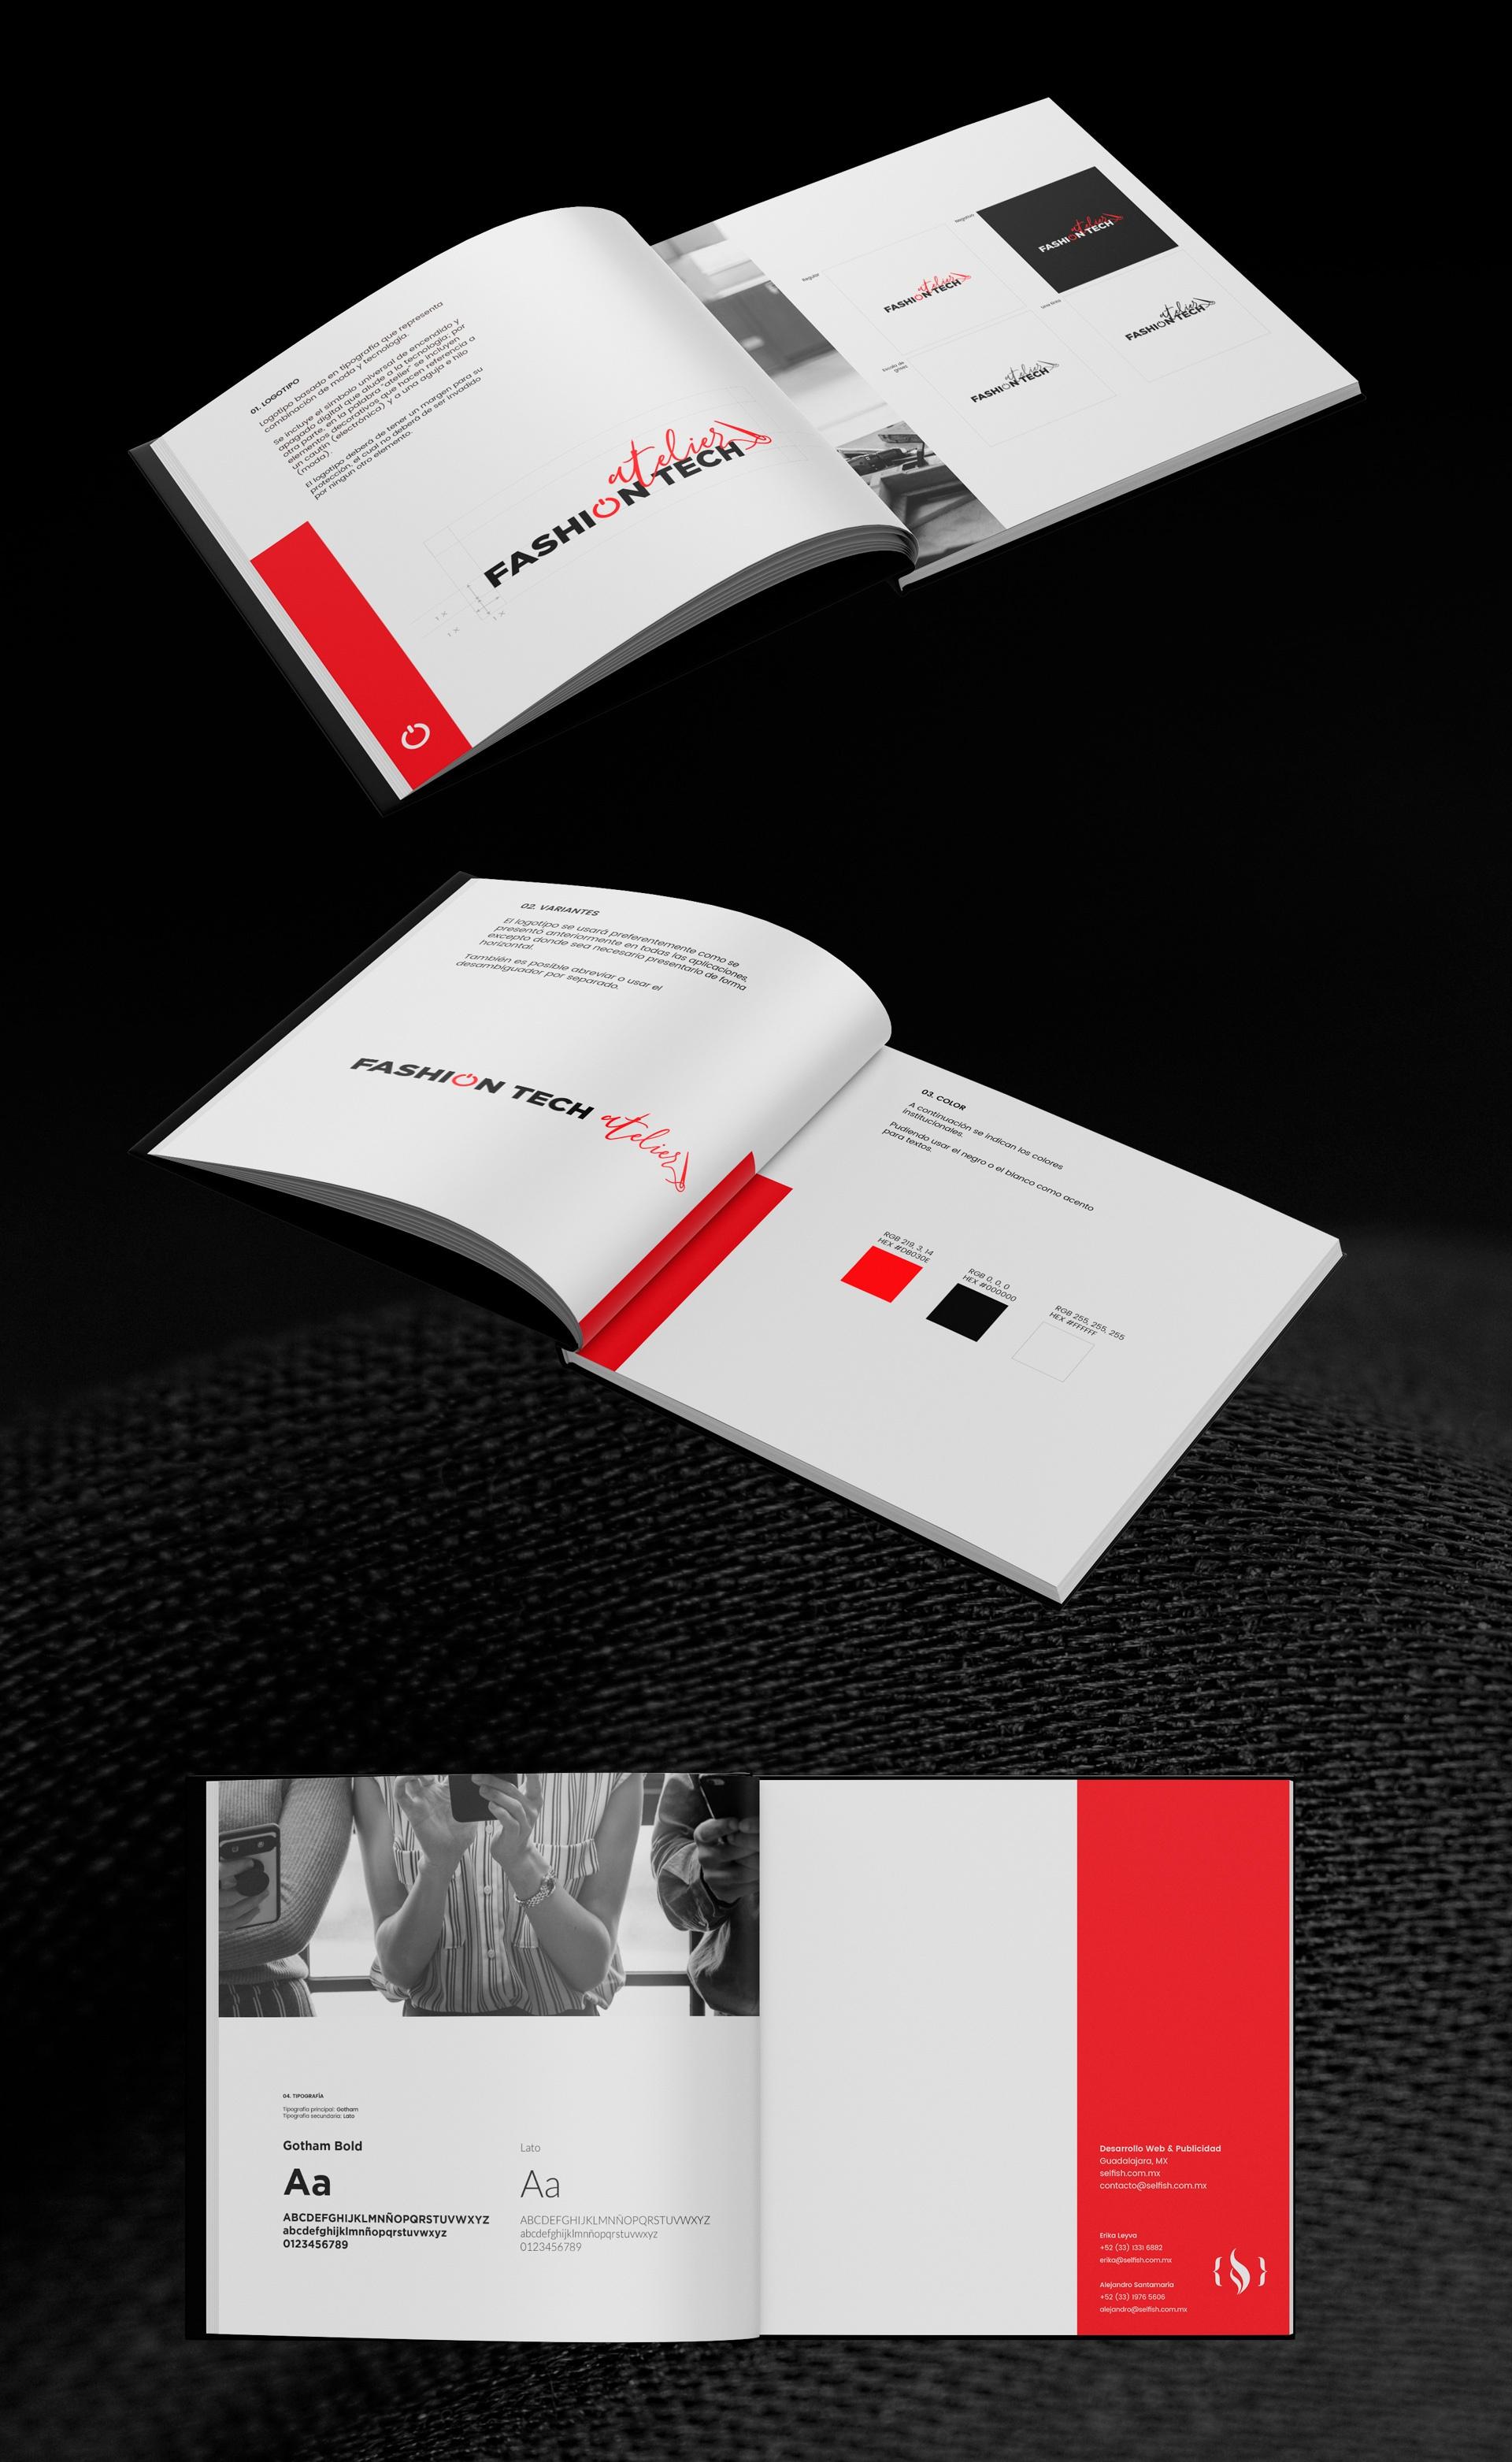 Fashion Tech Atelier